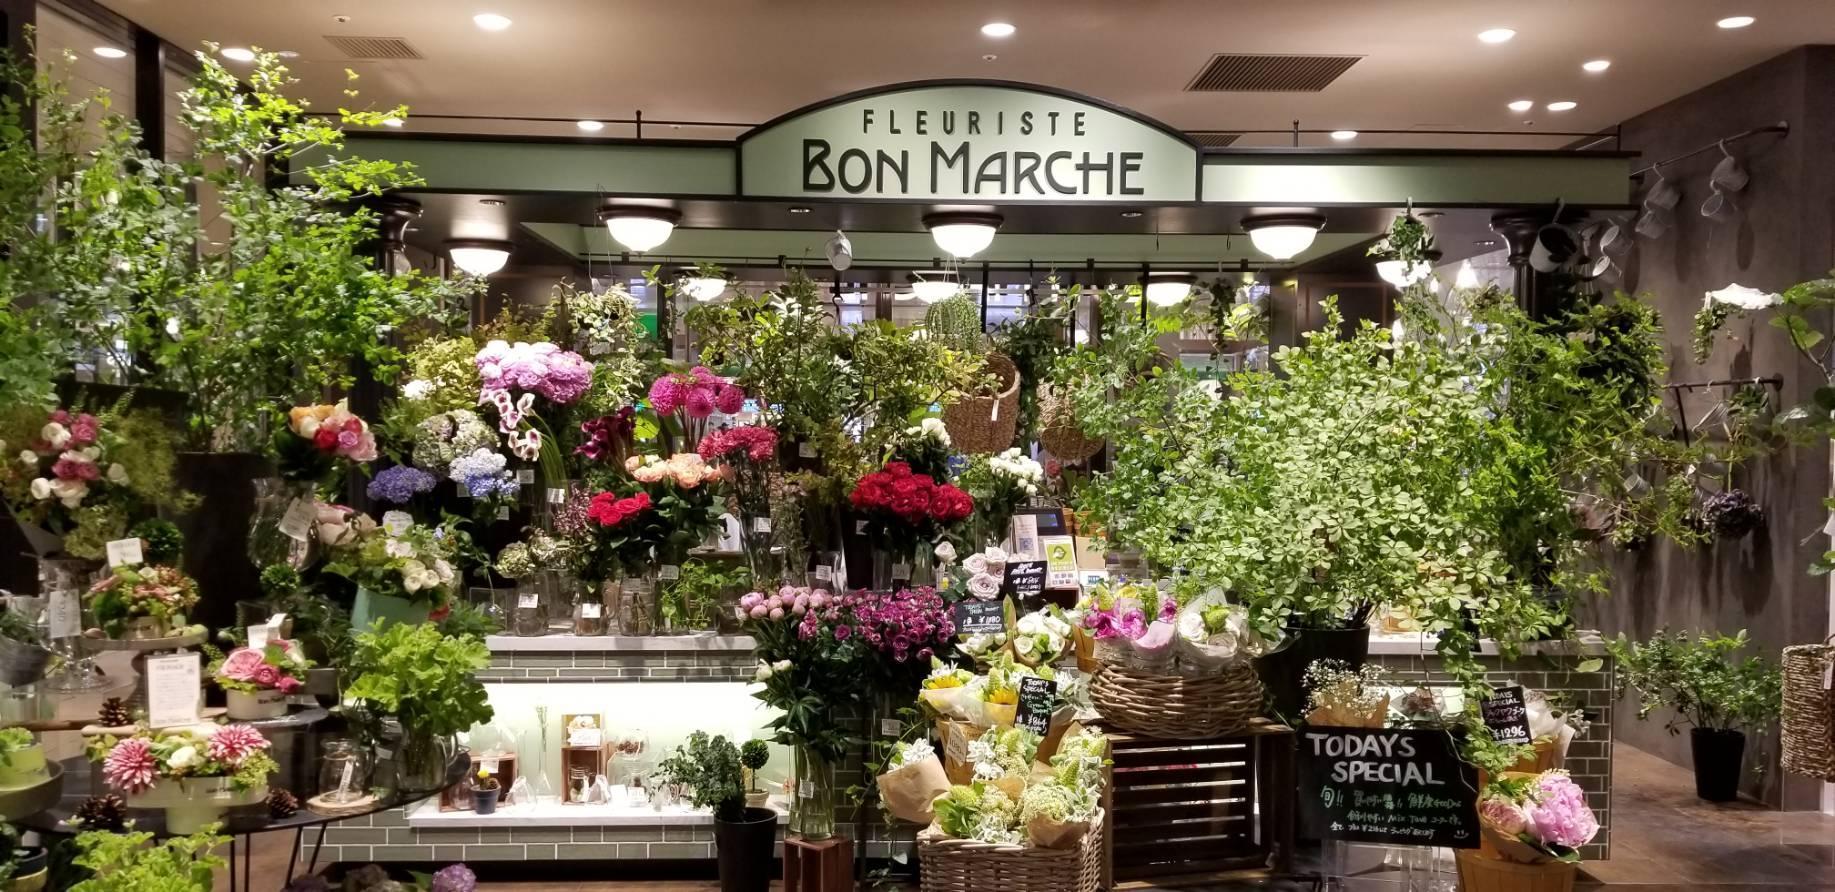 FLEURISTE BON MARCH新店スタッフ募集!